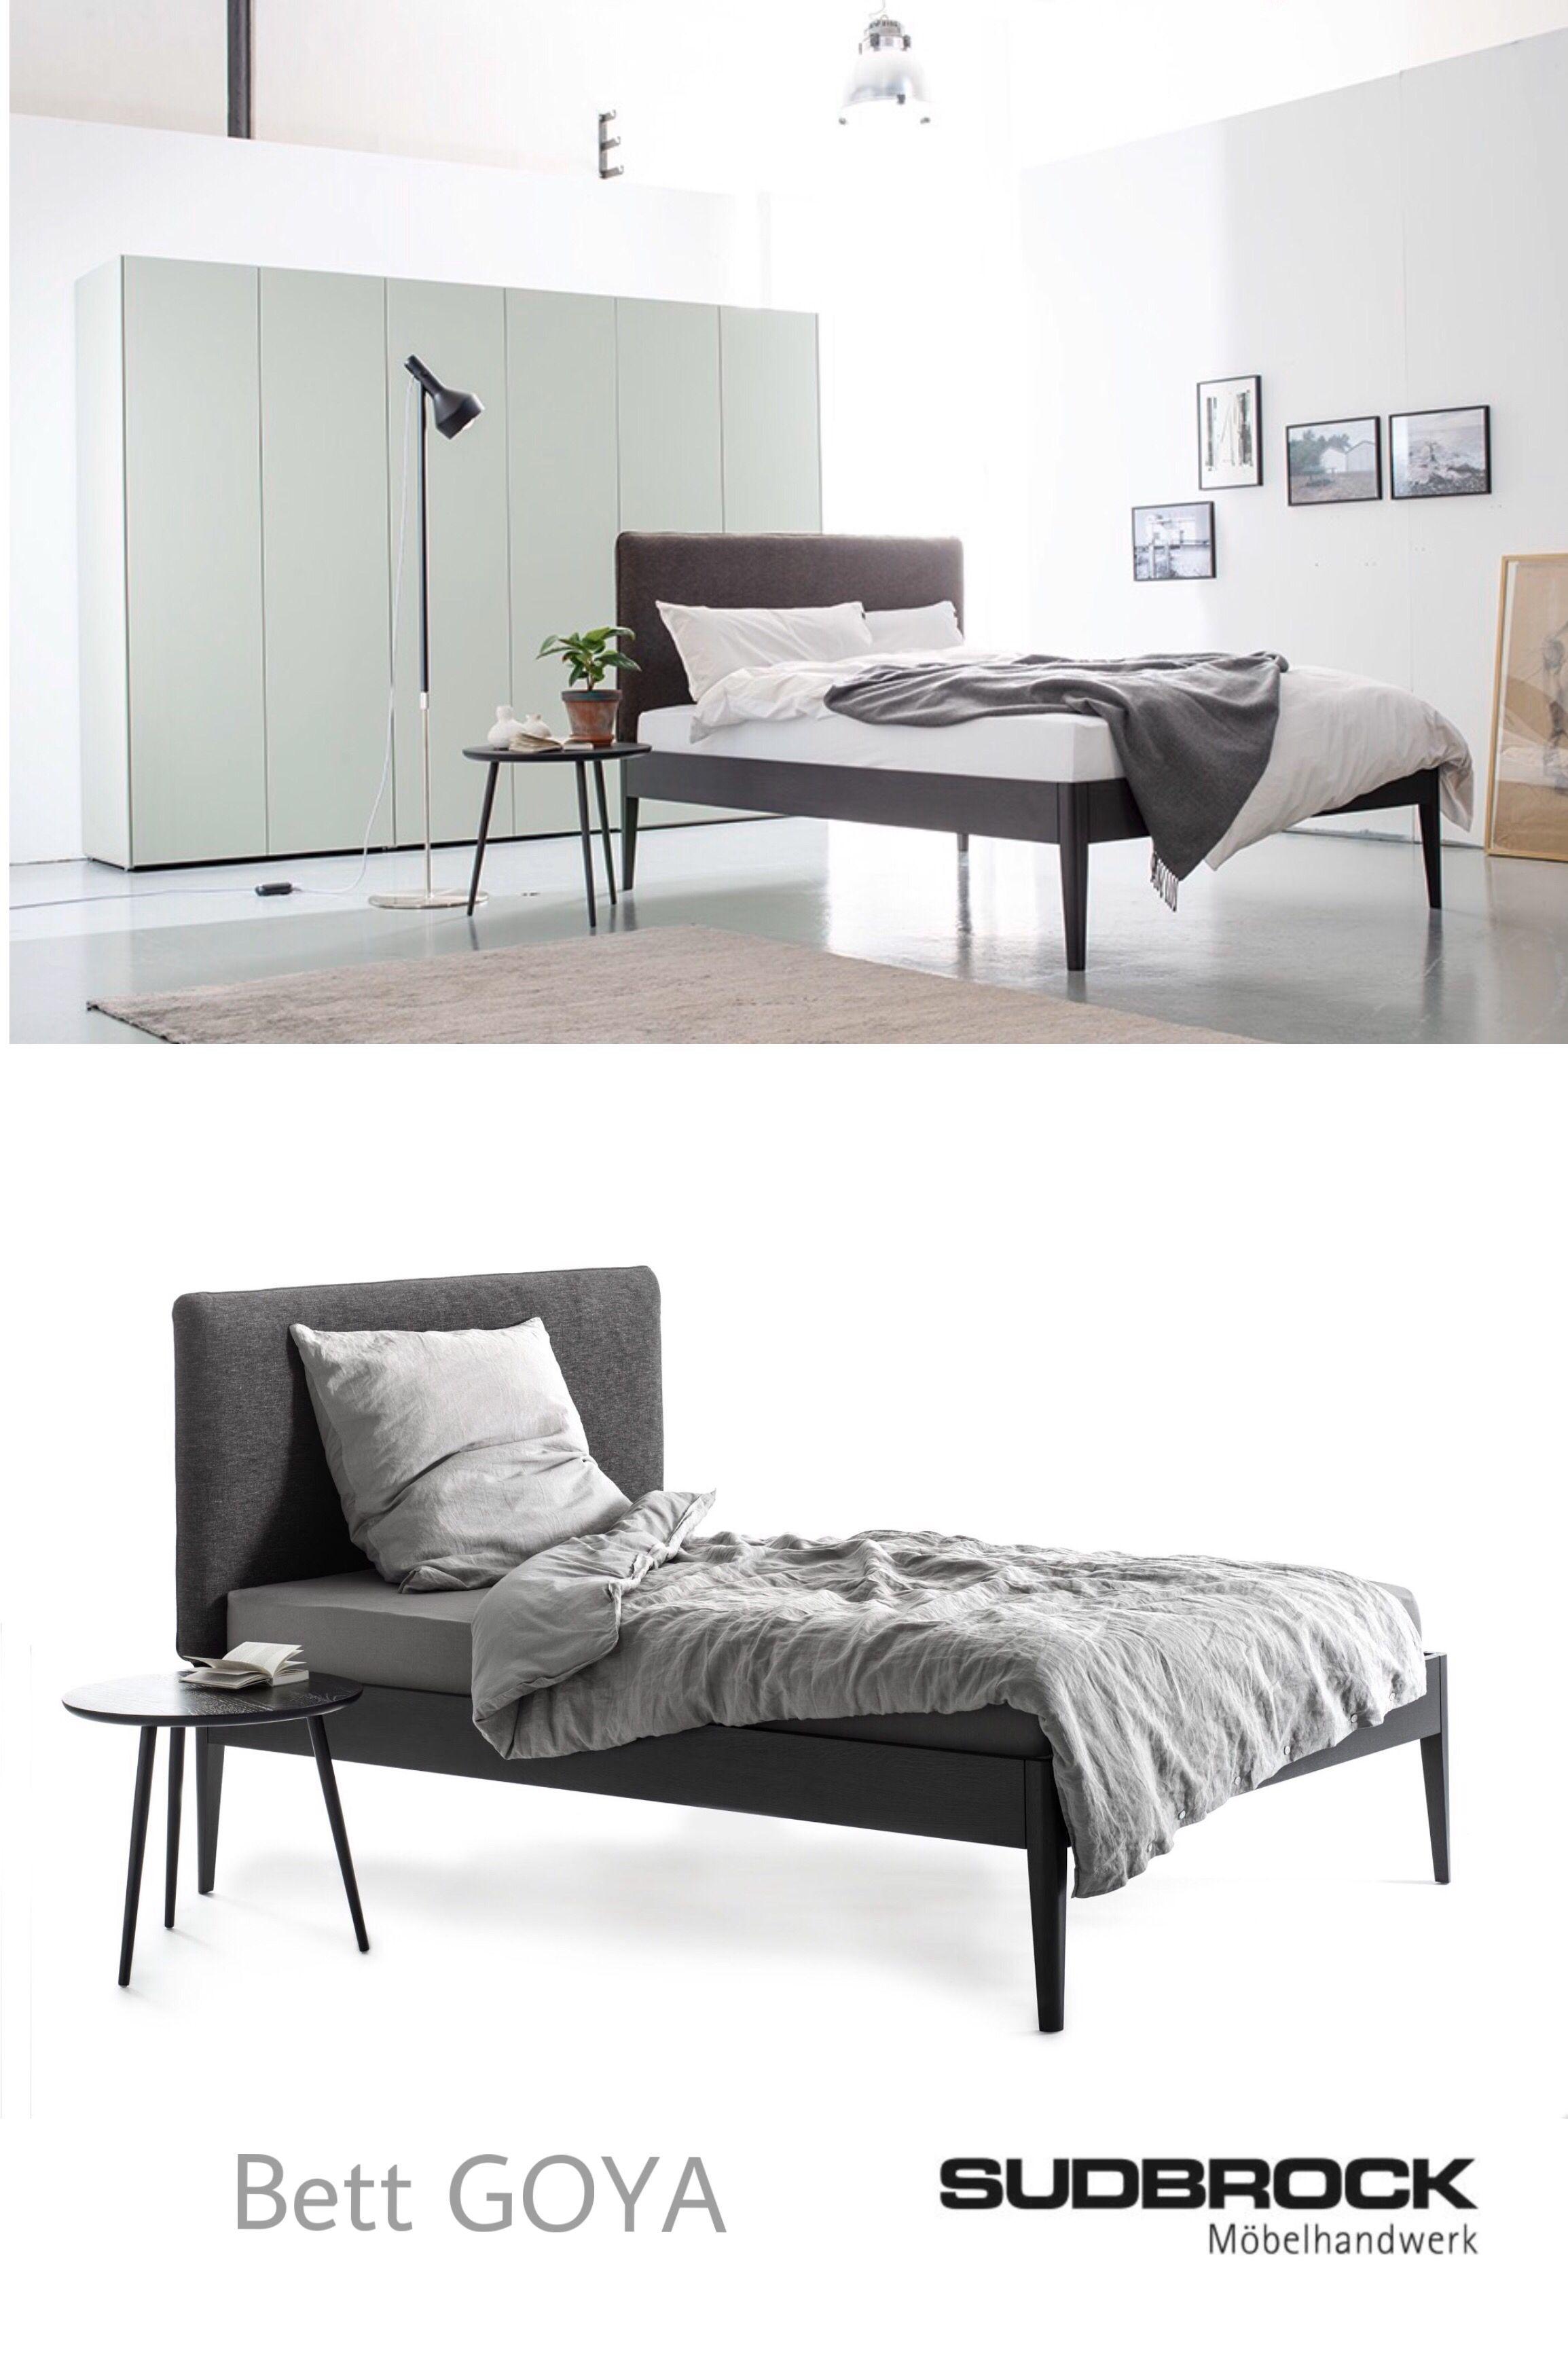 Bett GOYA von SUDBROCK Möbel Schlafzimmer Einrichtung